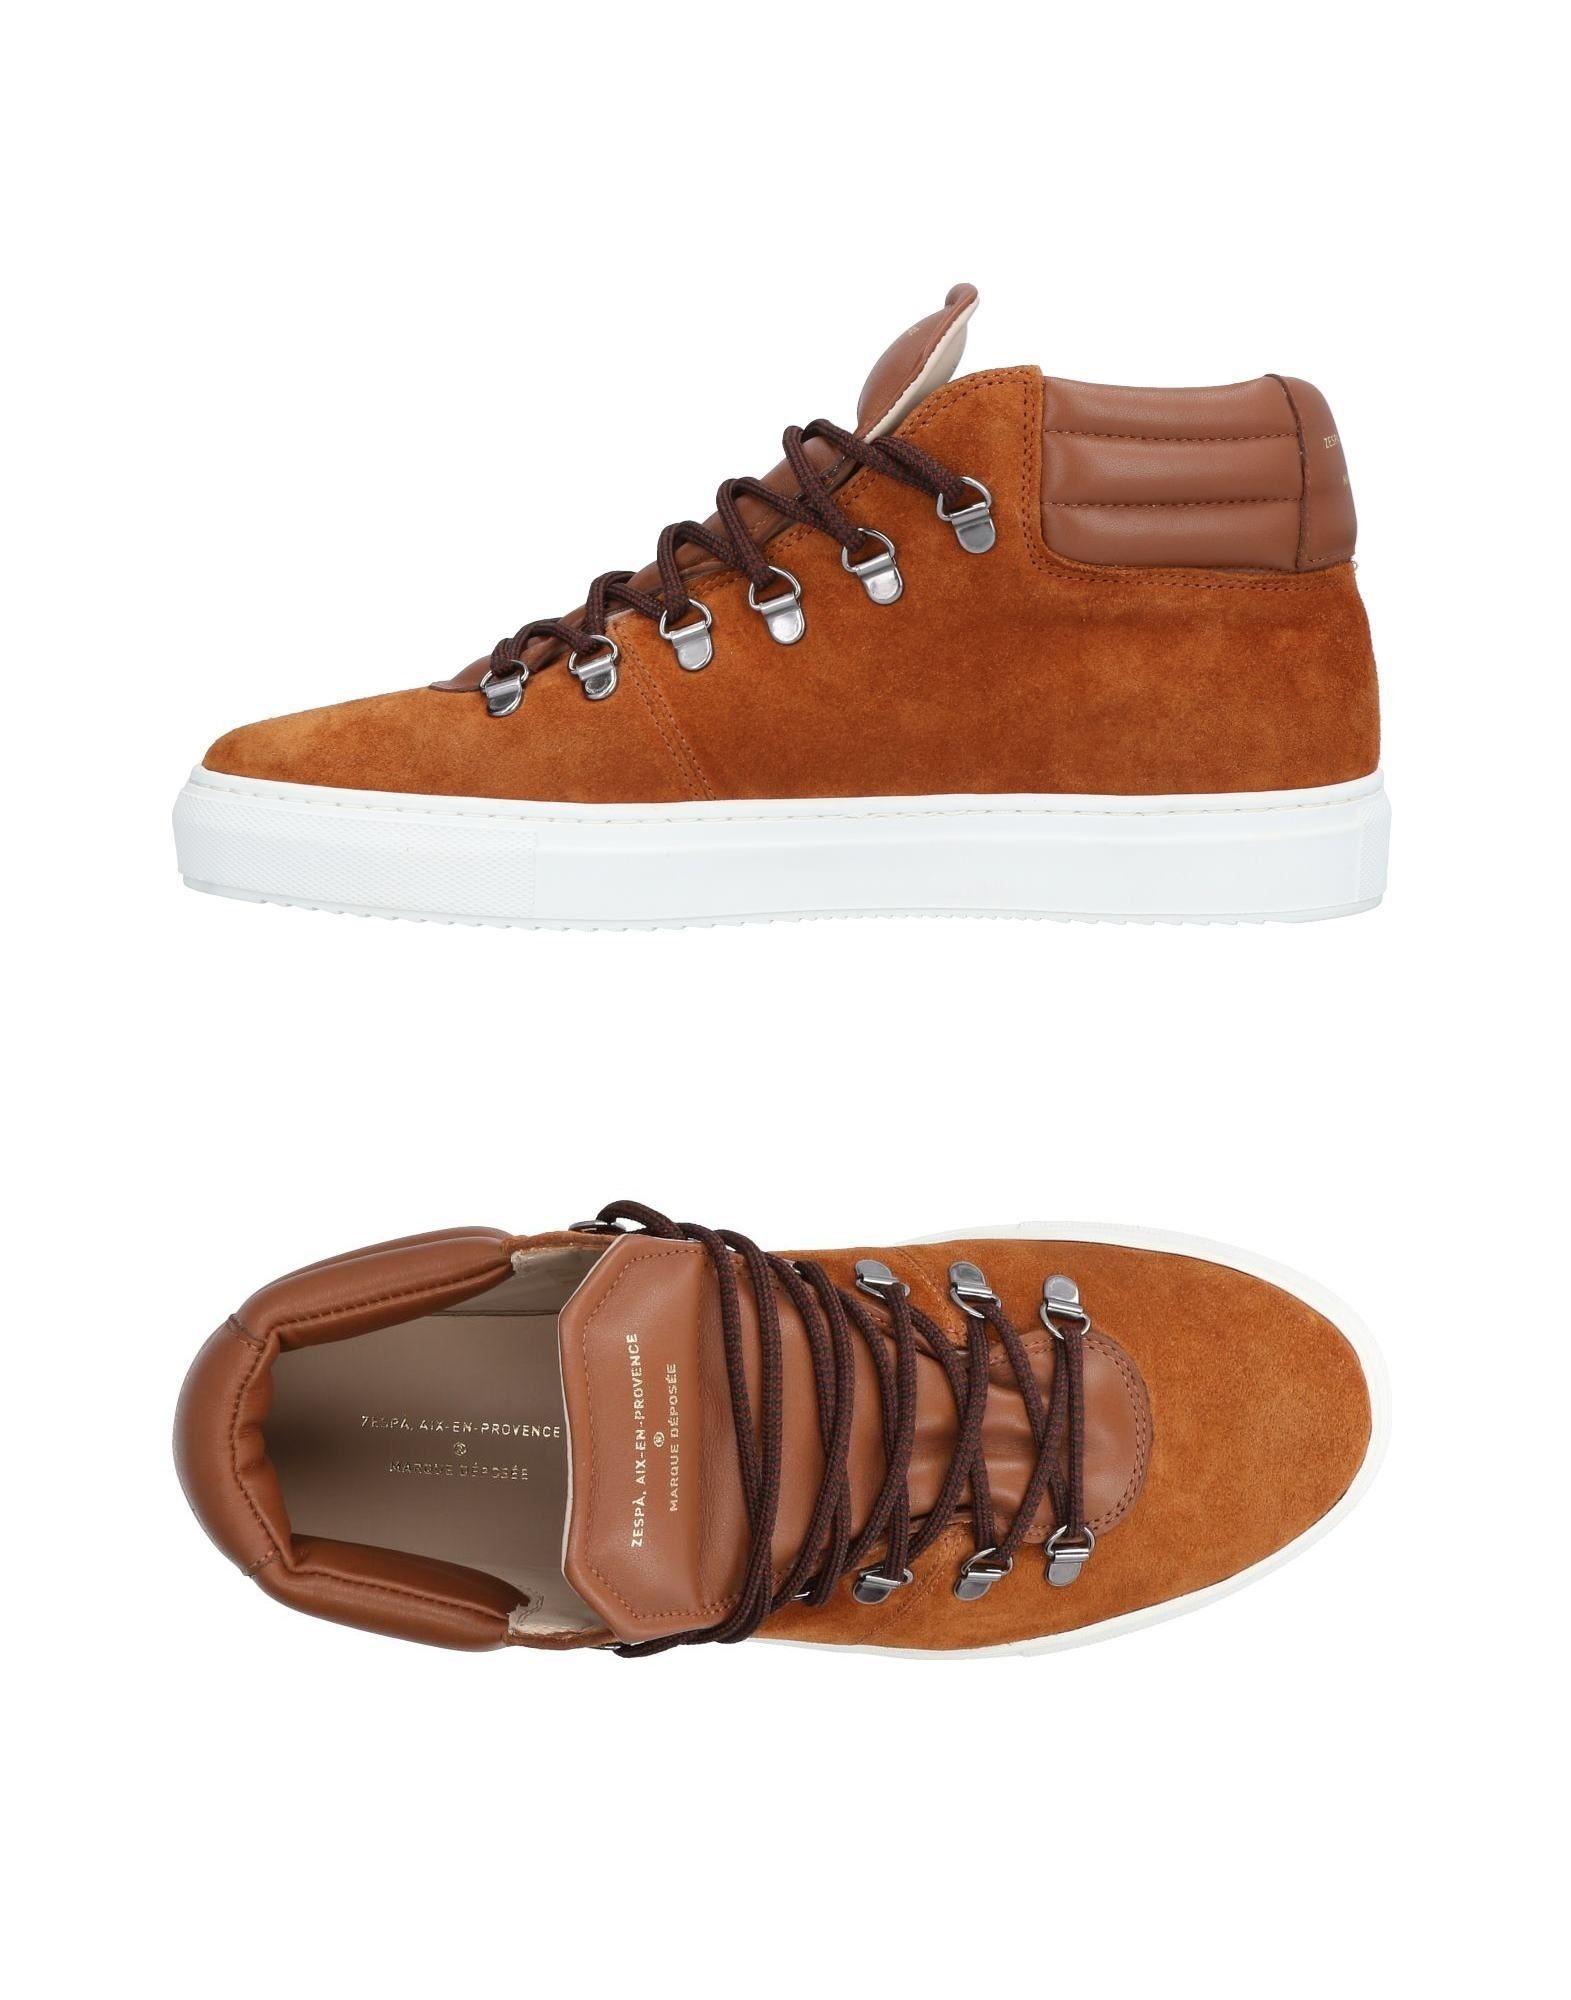 Scarpe economiche Zespà e resistenti Sneakers Zespà economiche Uomo - 11486060XK 1a300d